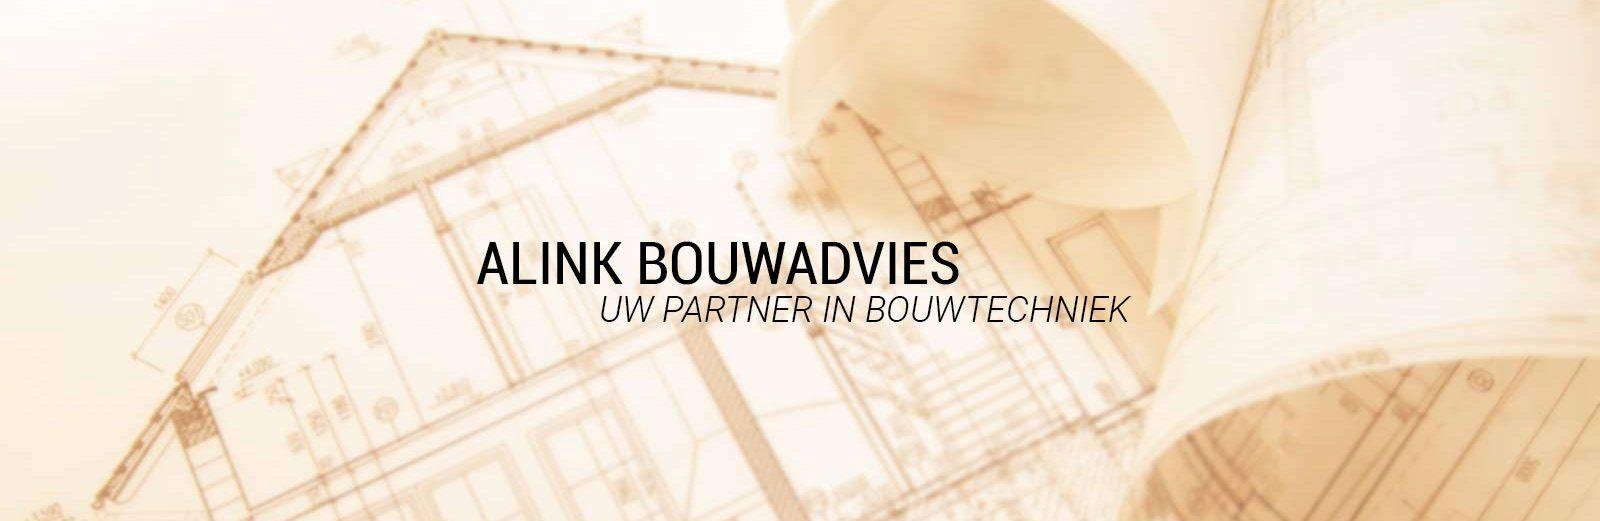 Alink Bouwadvies